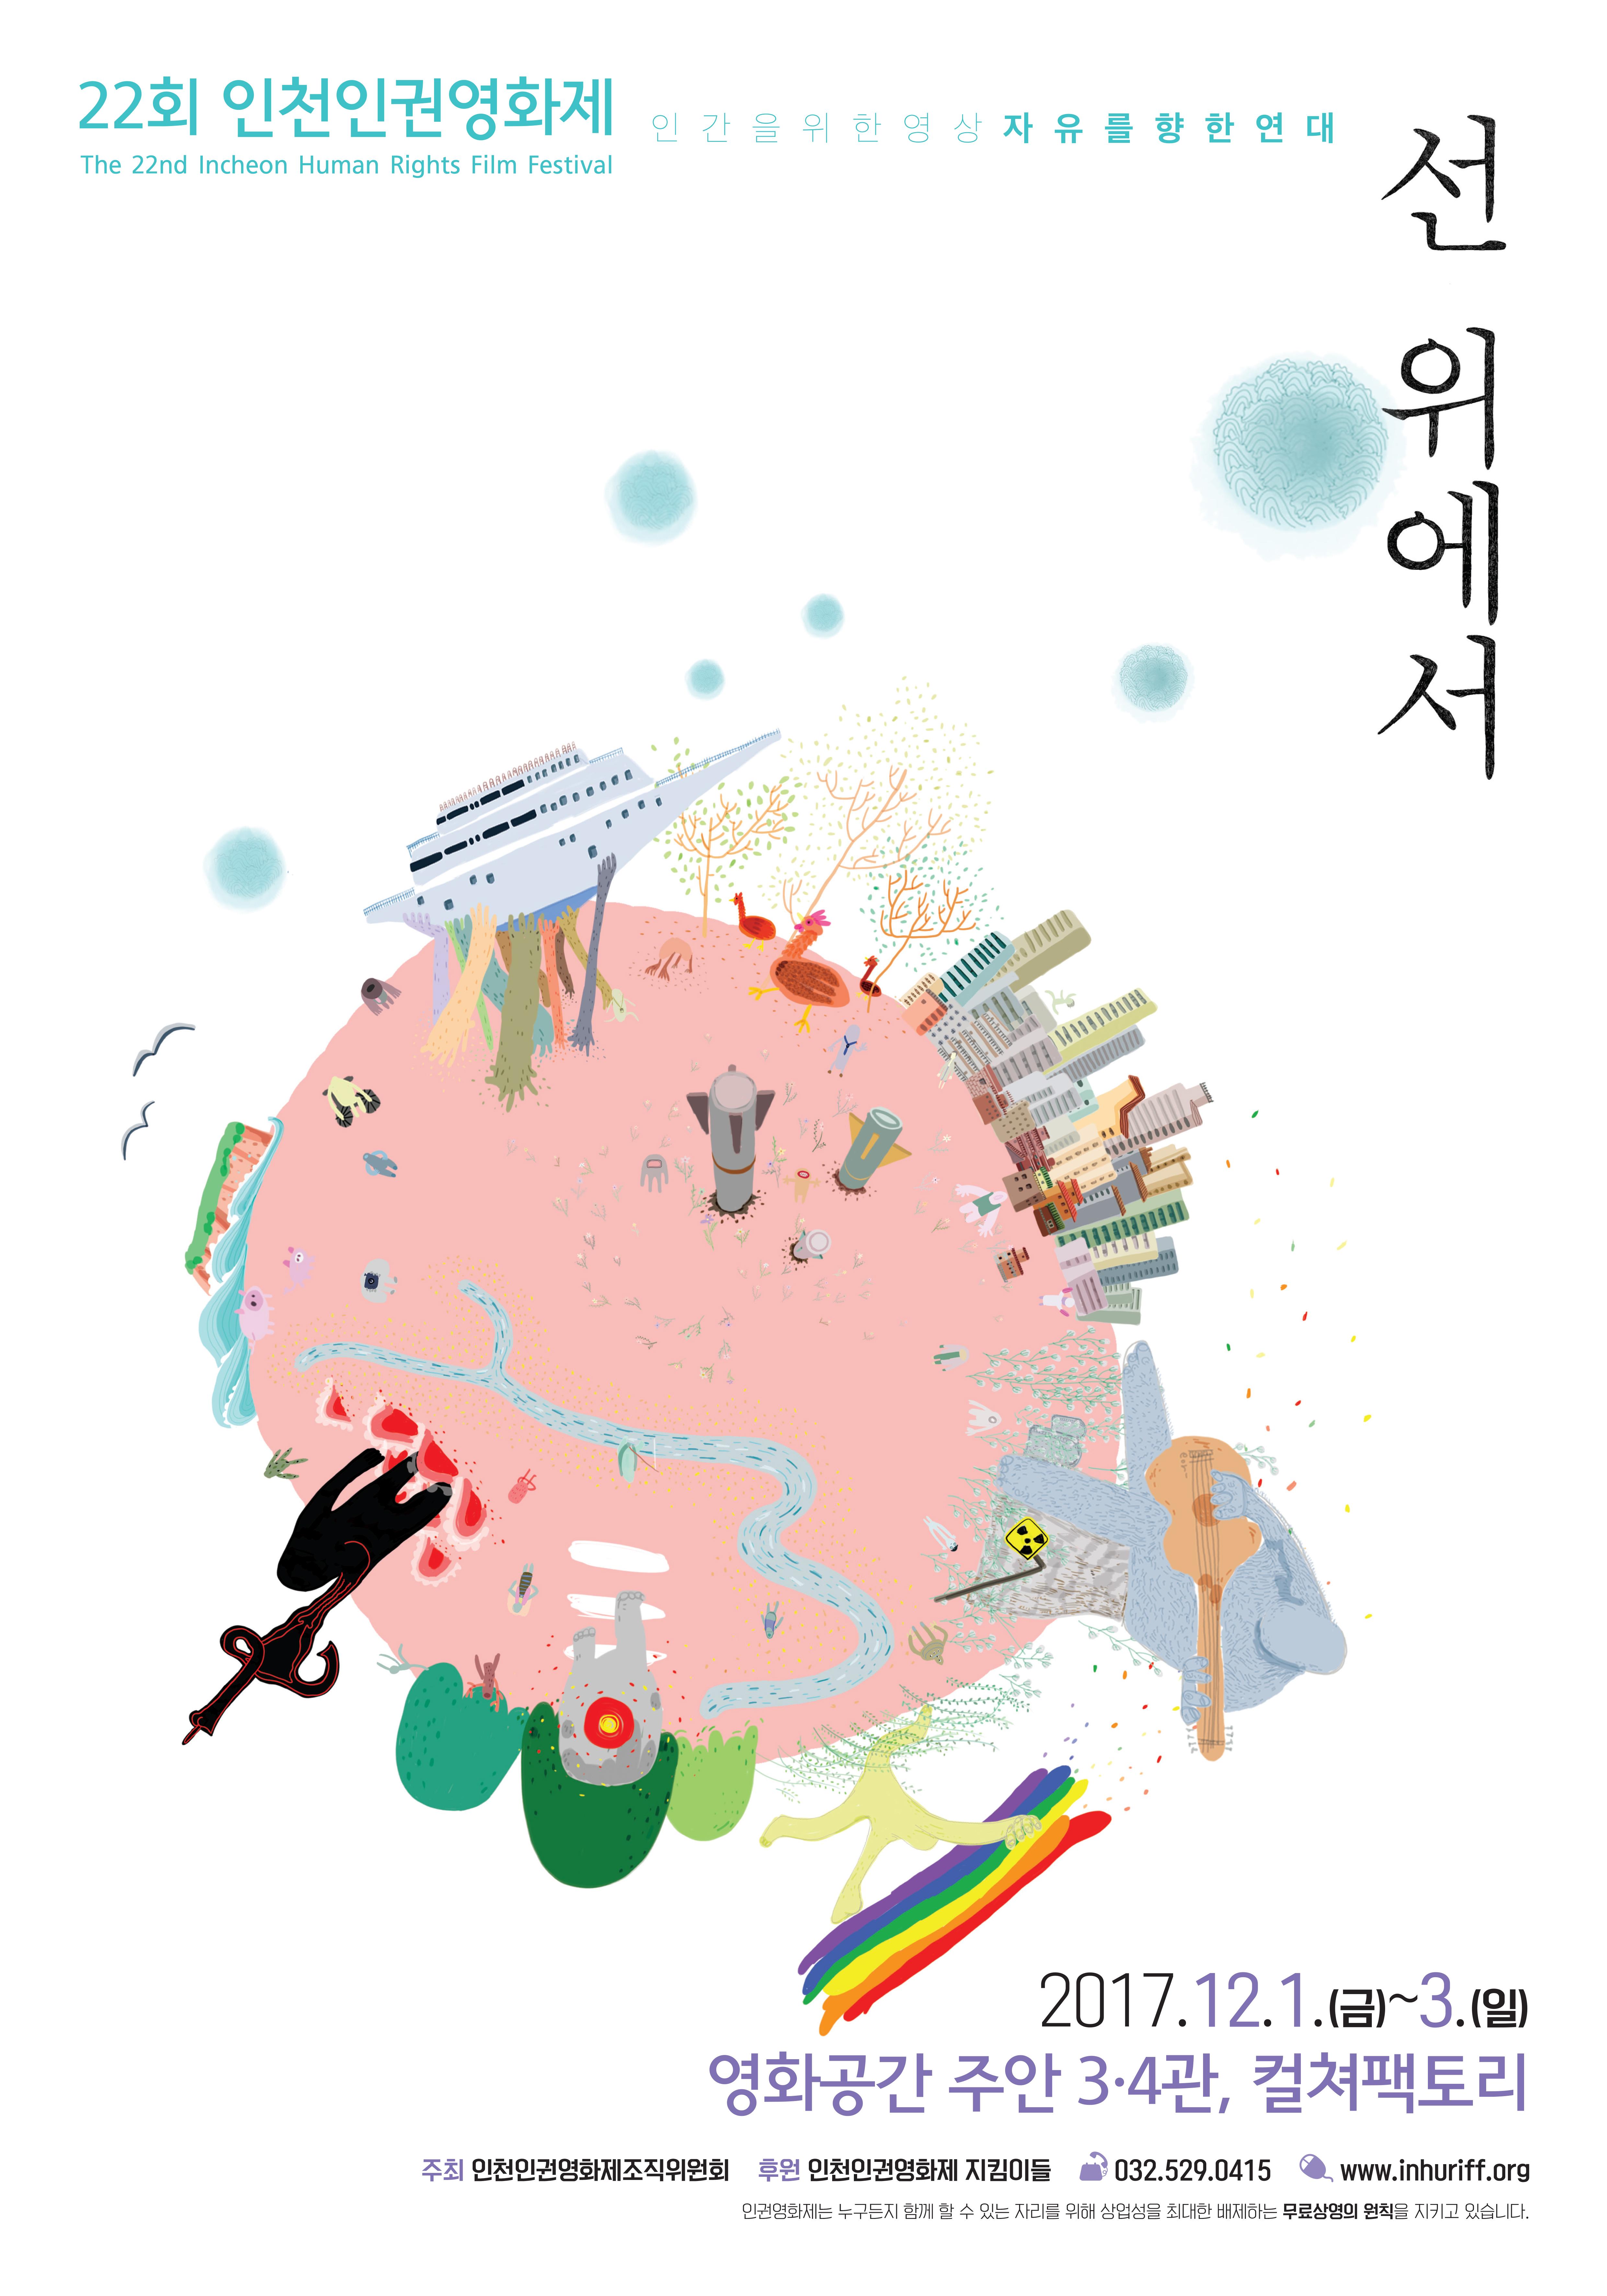 2017 인천인권영화제 poster 및 리플렛_-1.jpg